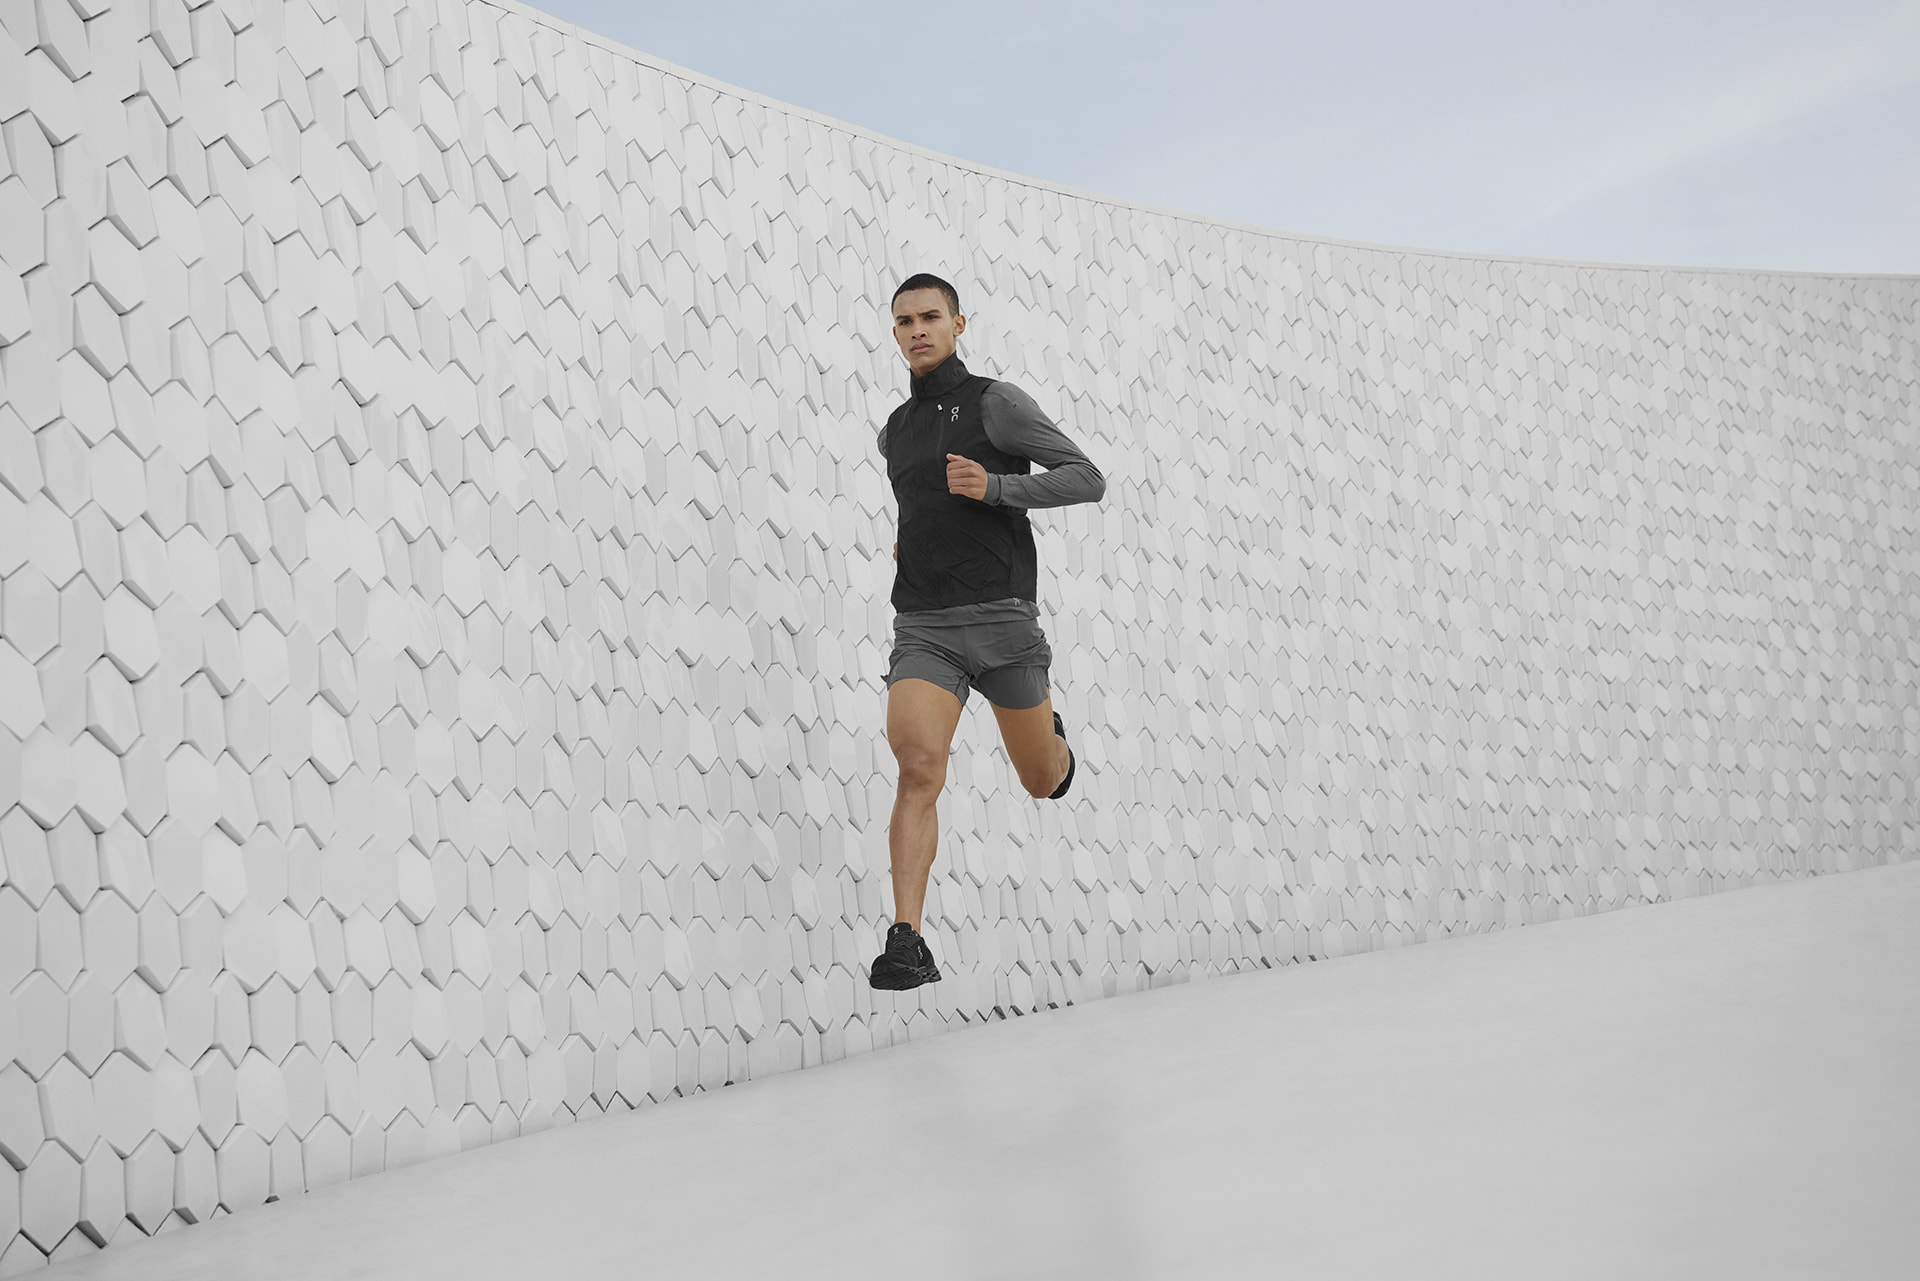 On - Løping. Gjenoppfunnet.   Uke 23